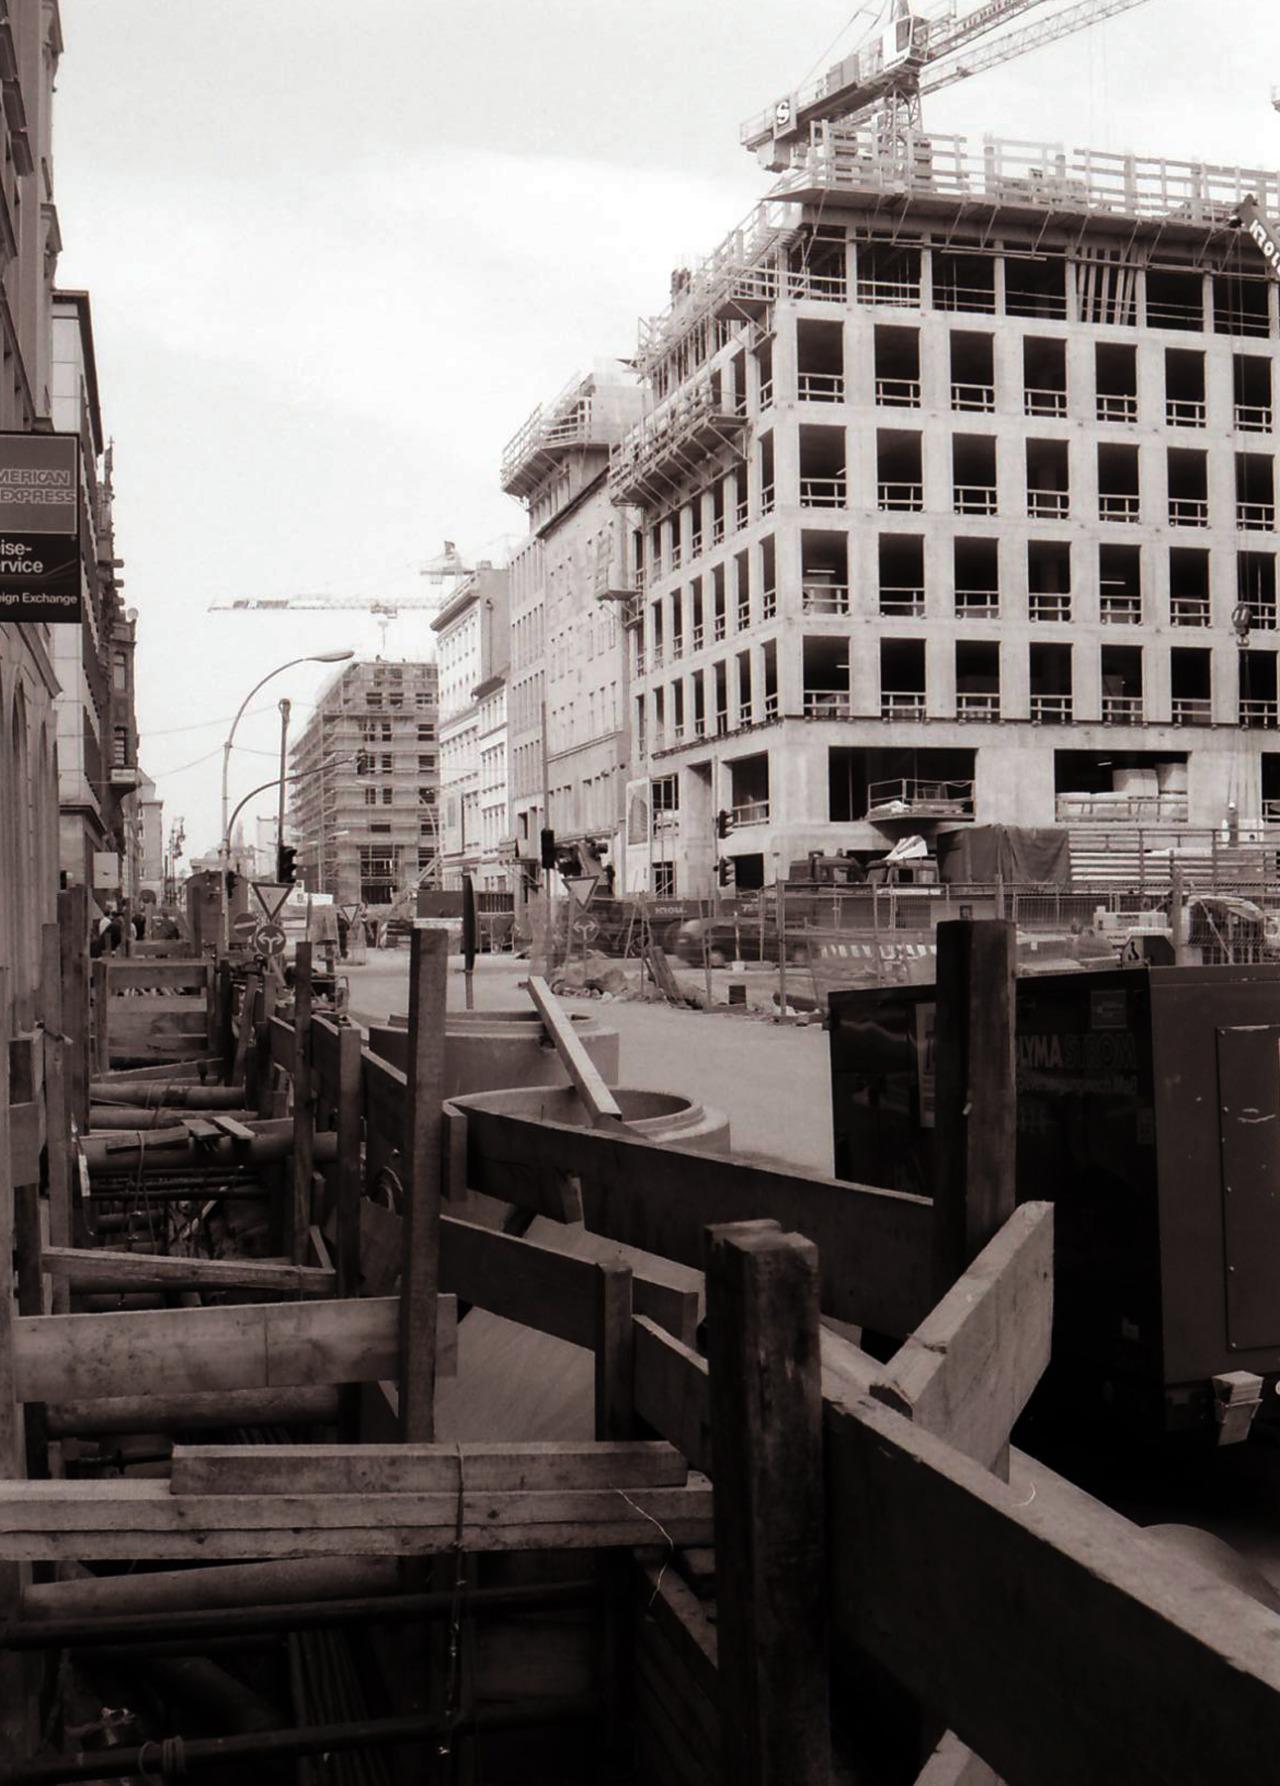 Friedrichstraße Ecke Französische Straße, 1995Rechts vorn der Rohbau für ein Gebäude des Architekten Hans Kollhoff. Ganz hinten rechts der Rohbau für den klobigen Lindencorso (Christoph Mäckler) Ecke Unter den Linden. Vorne rechts - nicht im Bild - befinden sich heute die Galeries Lafayette.